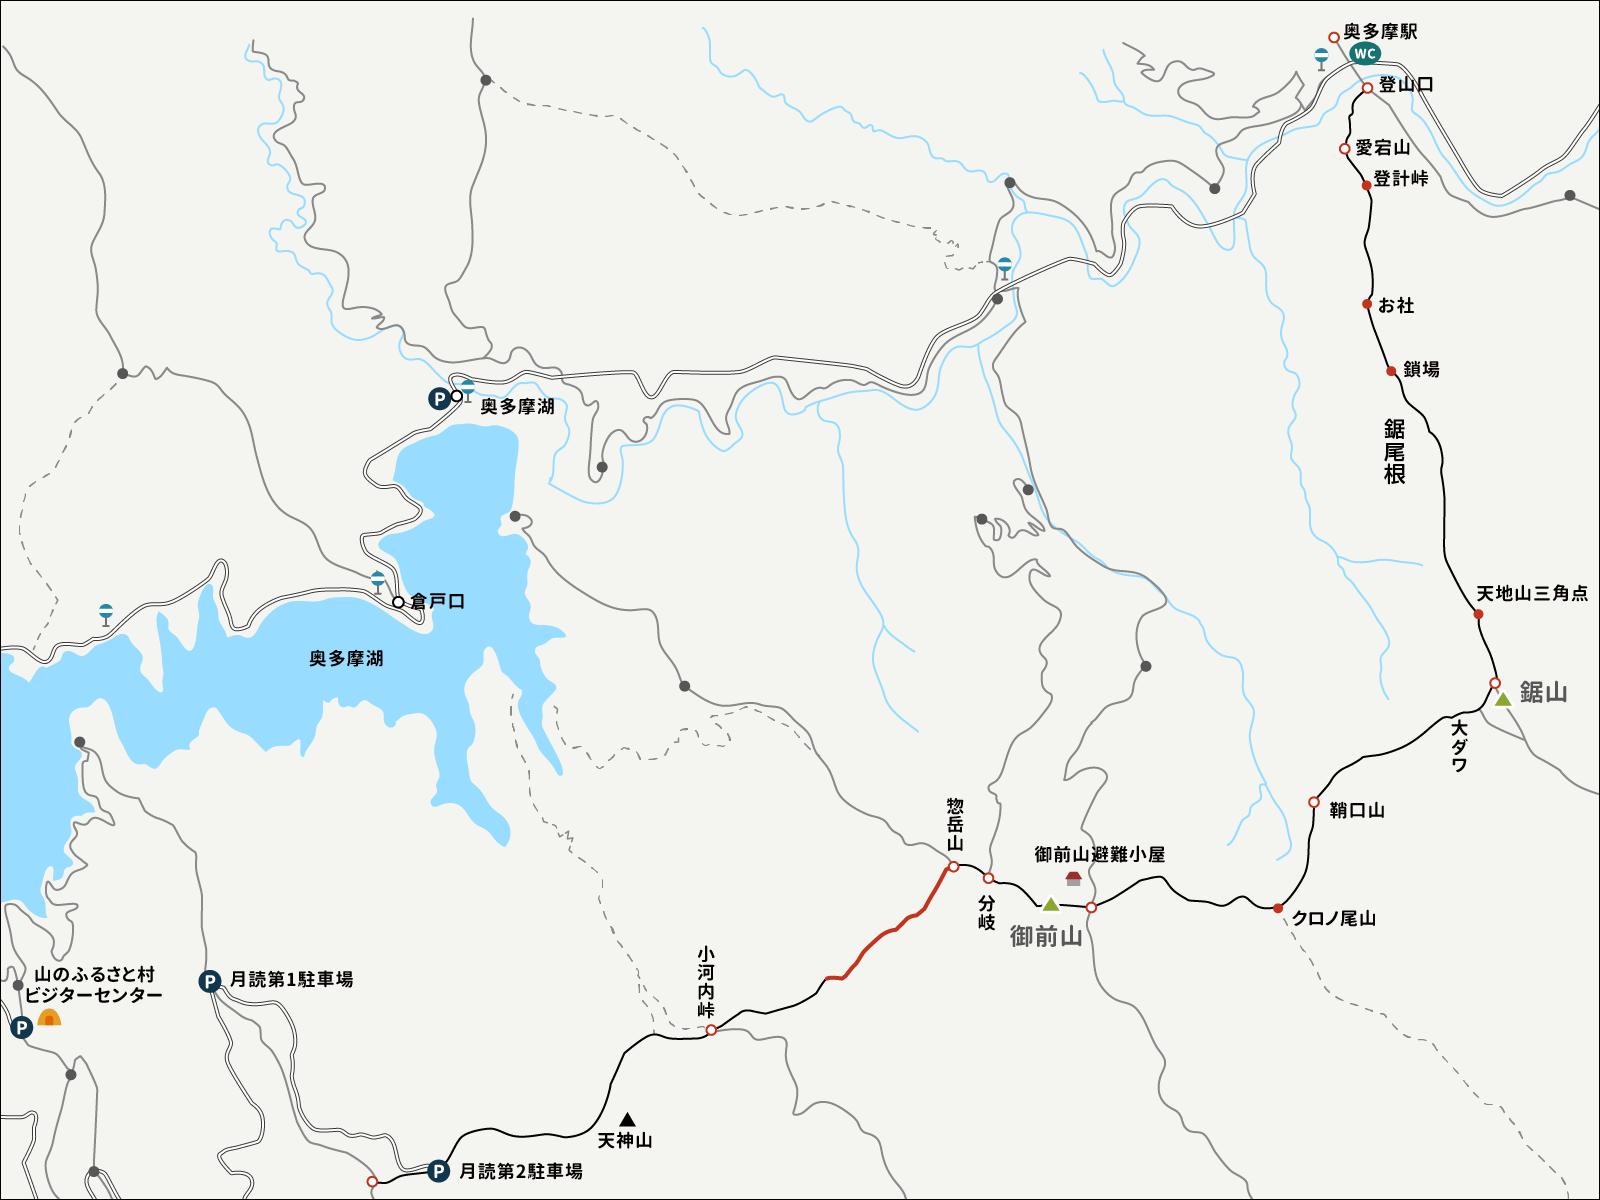 忽岳山から分岐点までのイラストマップ